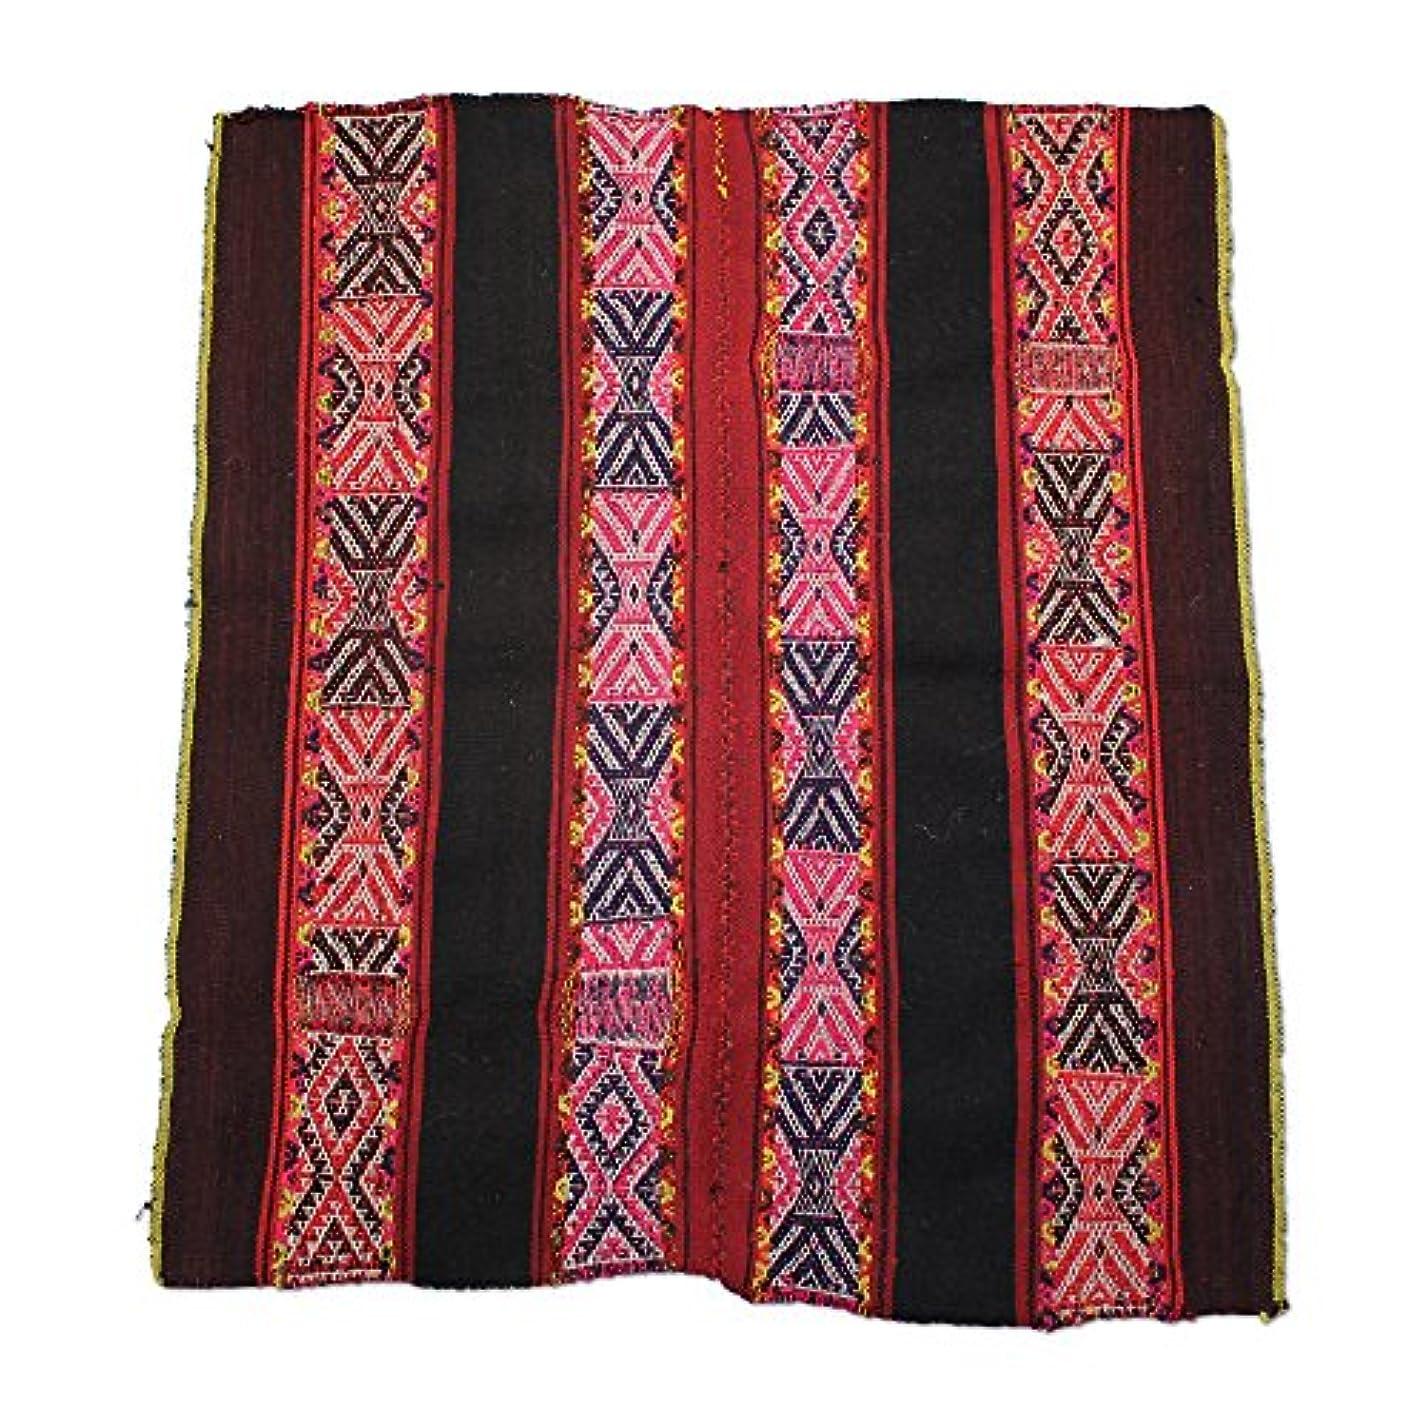 ハンドブックダイヤル速度Shamans Market Q'ero Andean Lliklla Mestana Cloth - Inkarri/Q'ocha